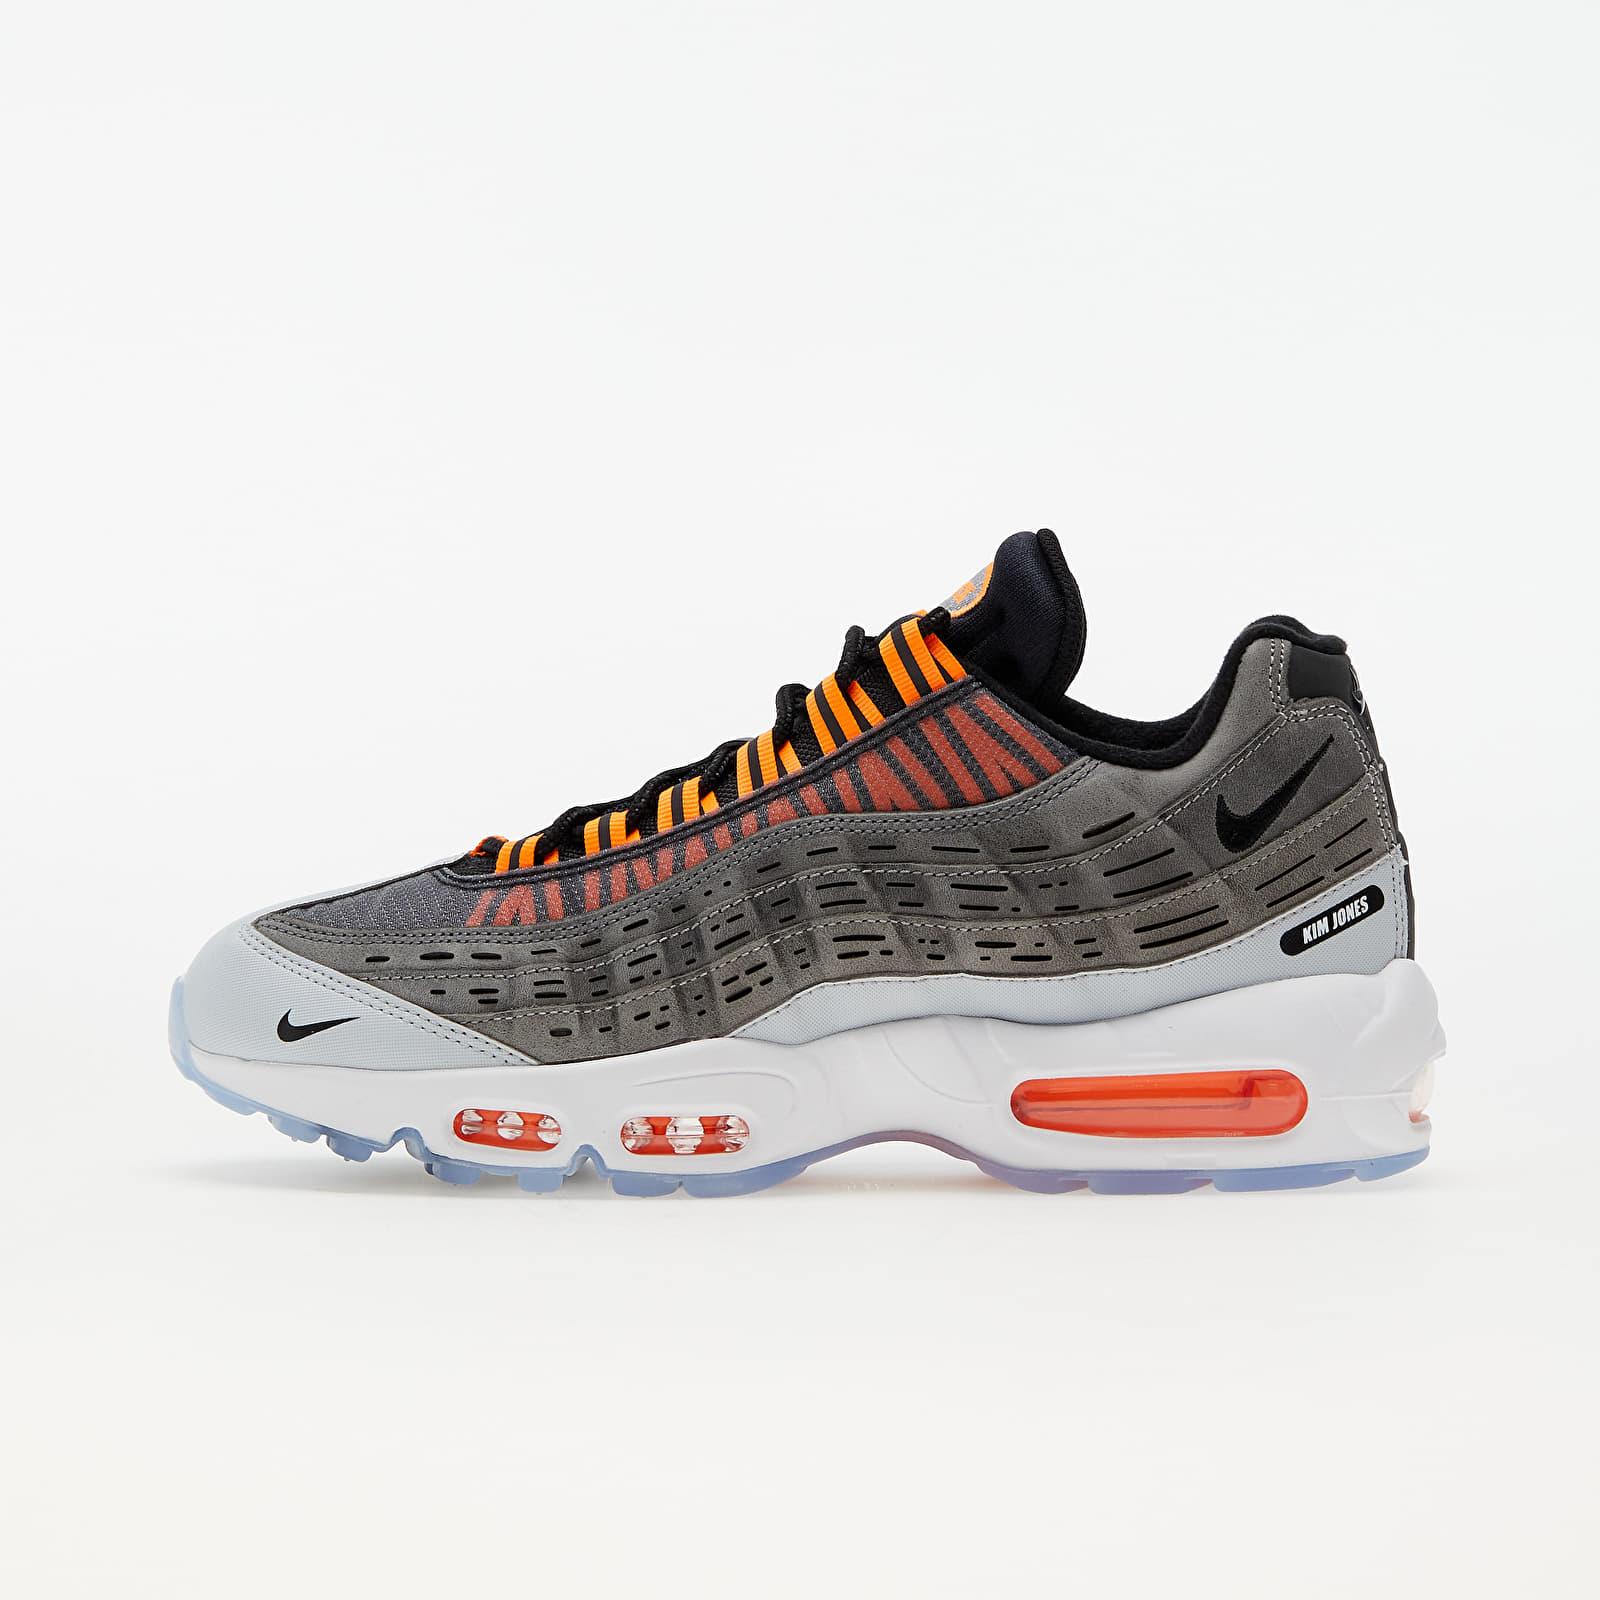 Nike x Kim Jones Air Max 95 Black/ Total Orange-Dark Grey-Cool Grey EUR 45